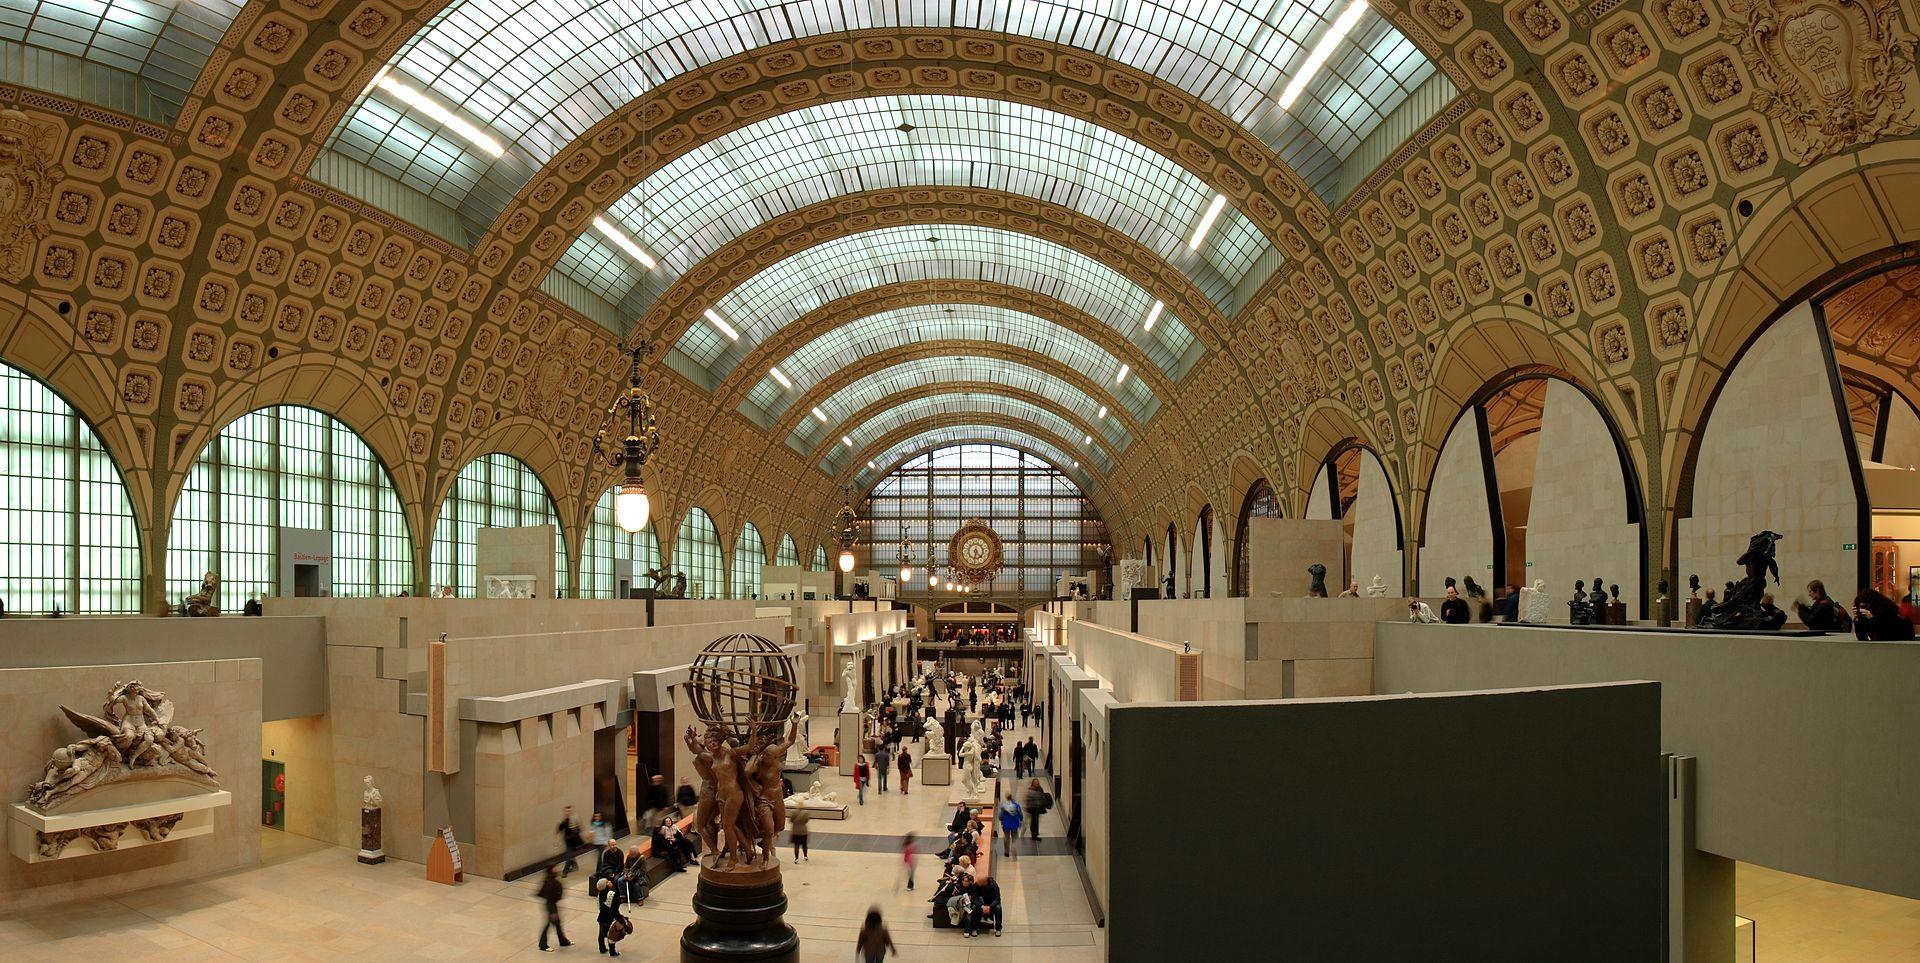 พิพิธภัณฑ์ออร์เซย์ -ภายในสวยงาม